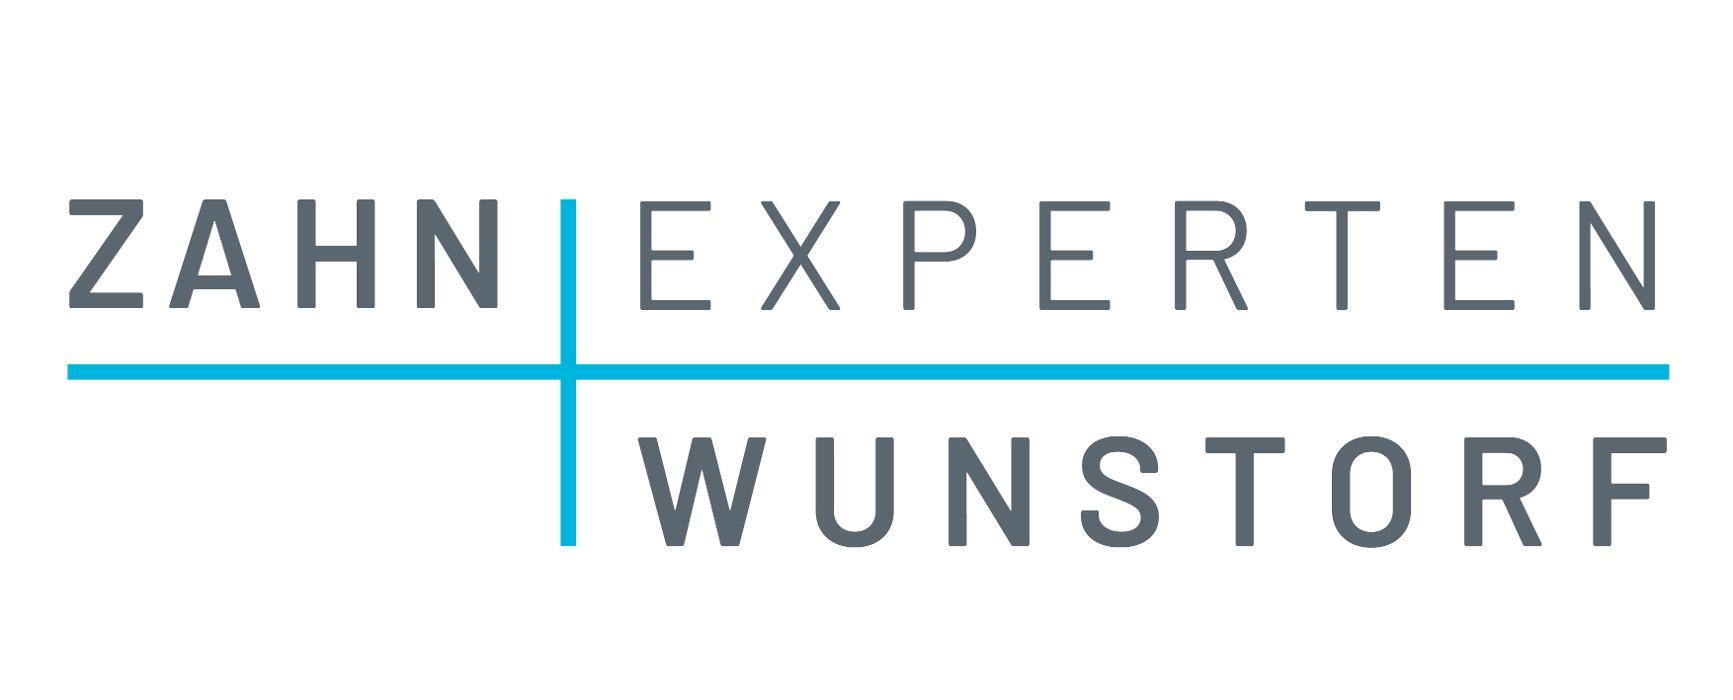 ZahnExperten Wunstorf